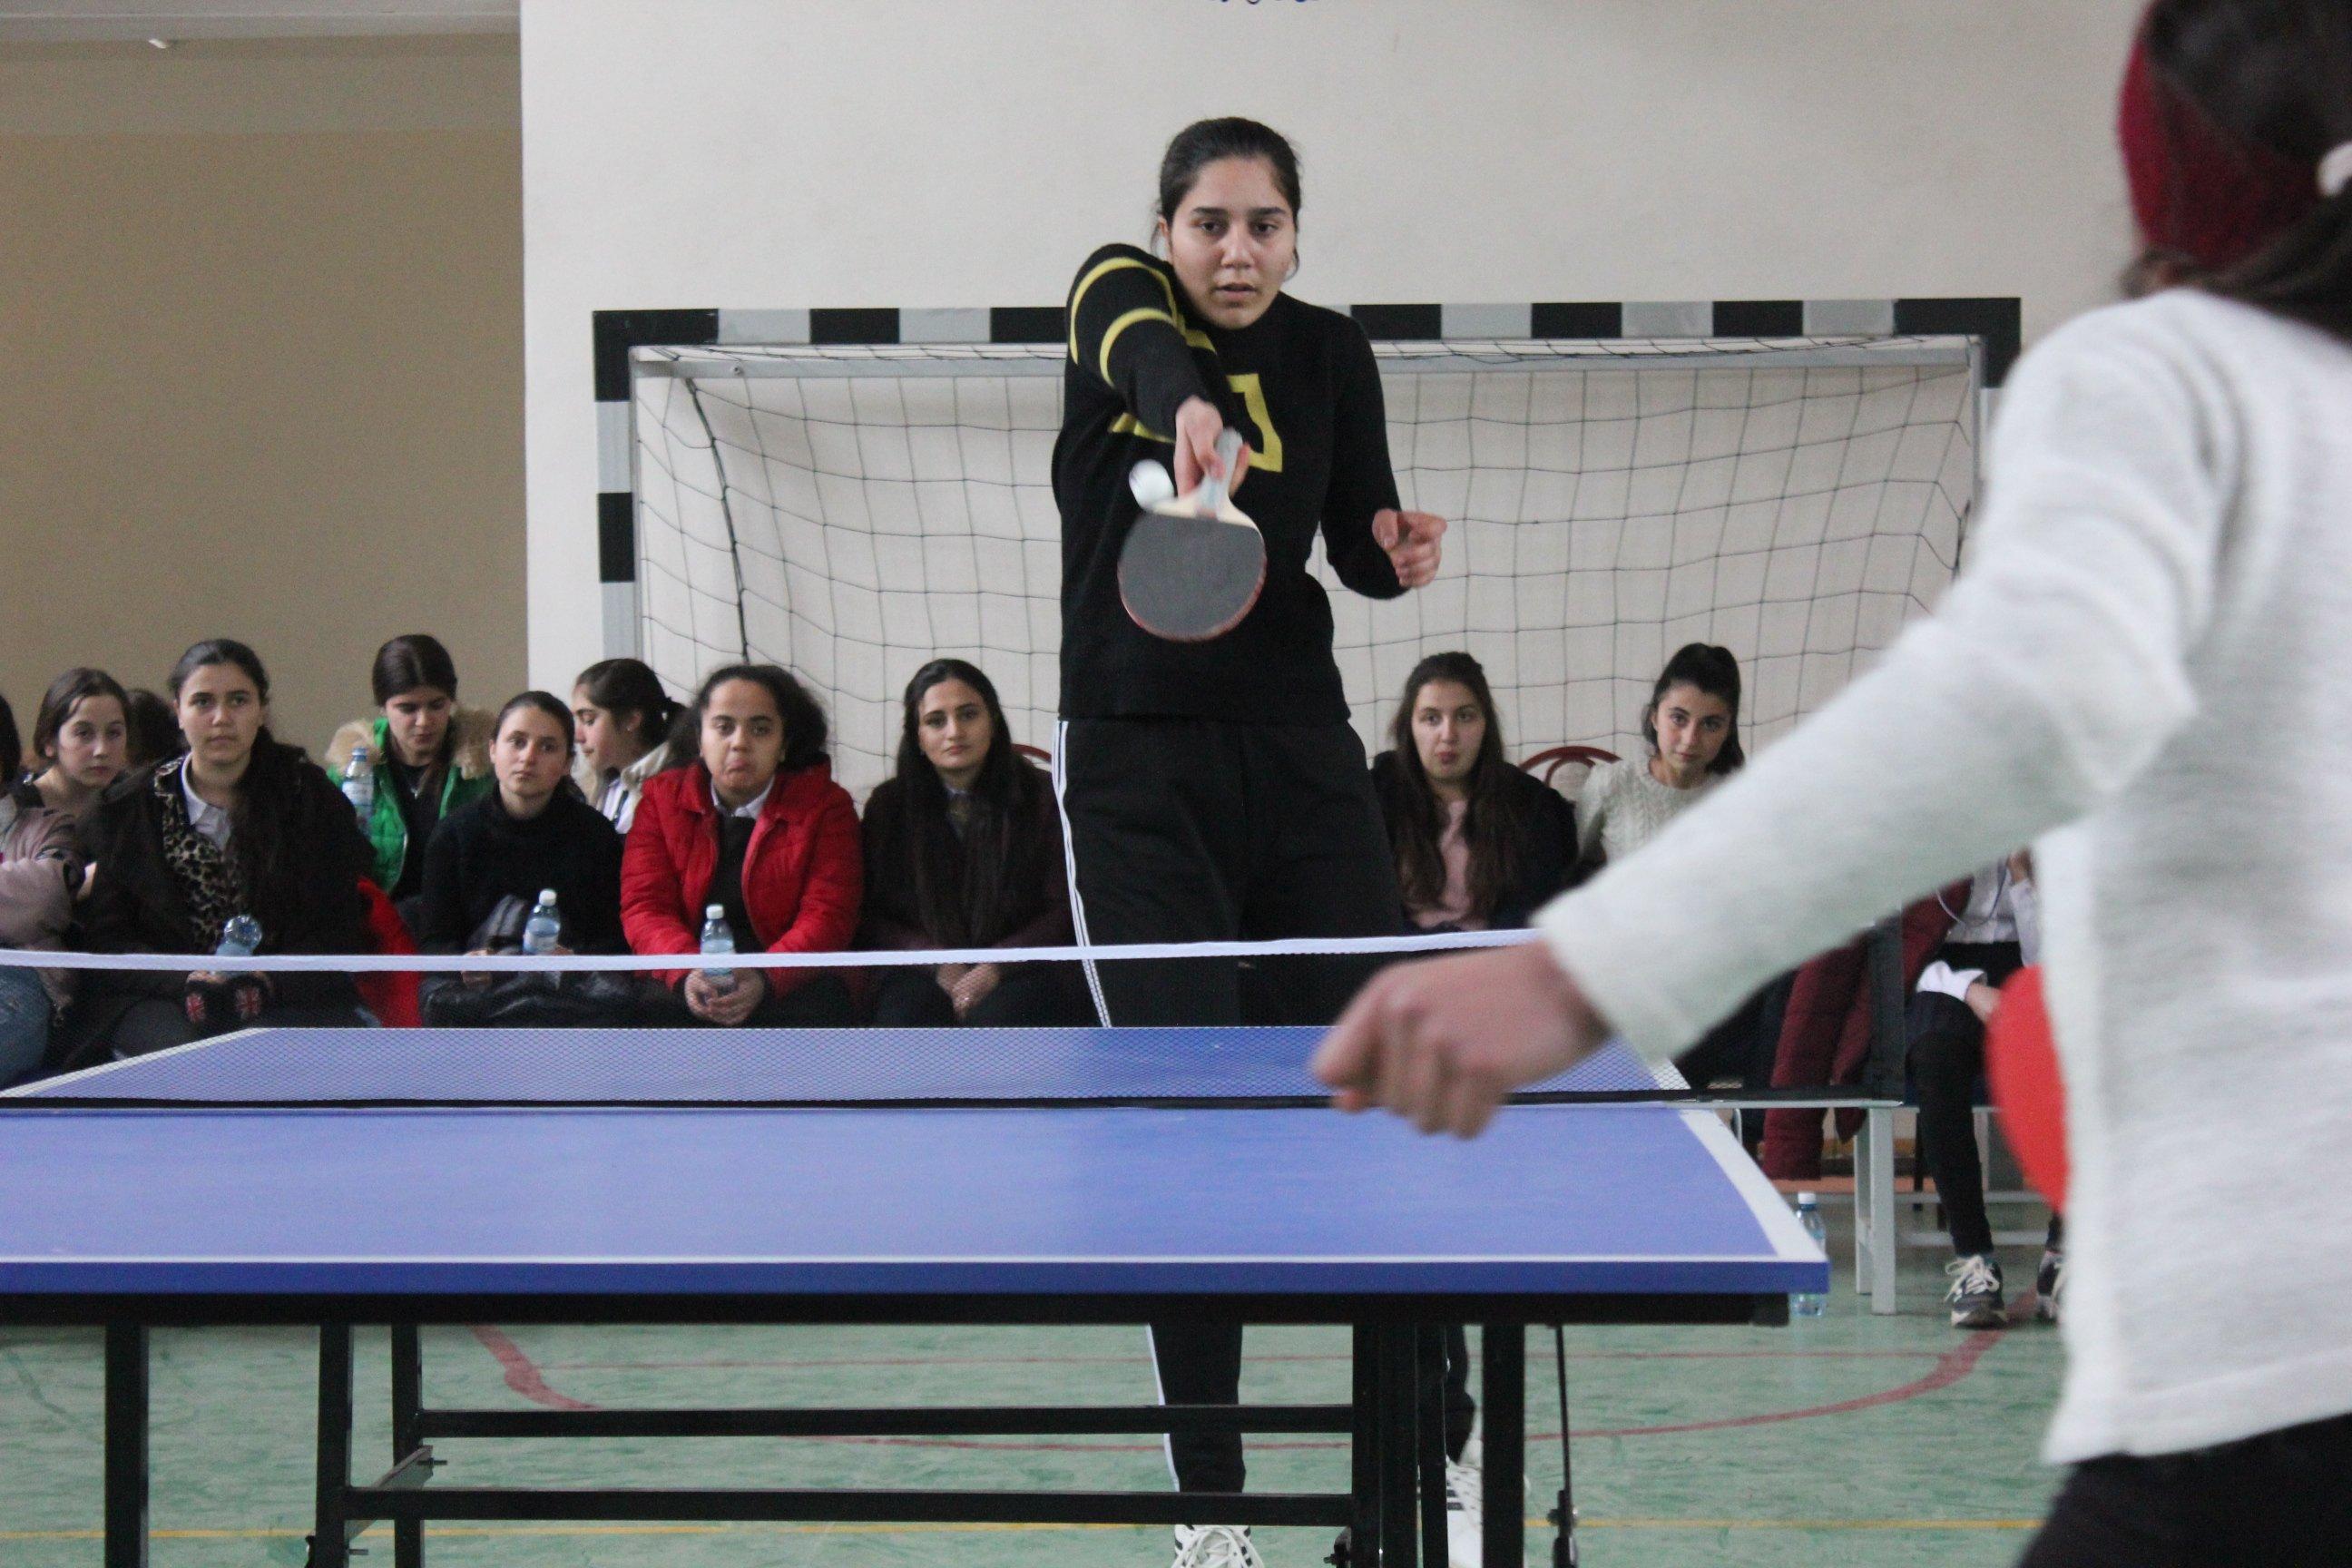 Qubada qızlar tennis yarışında qüvvəsini sınayıb